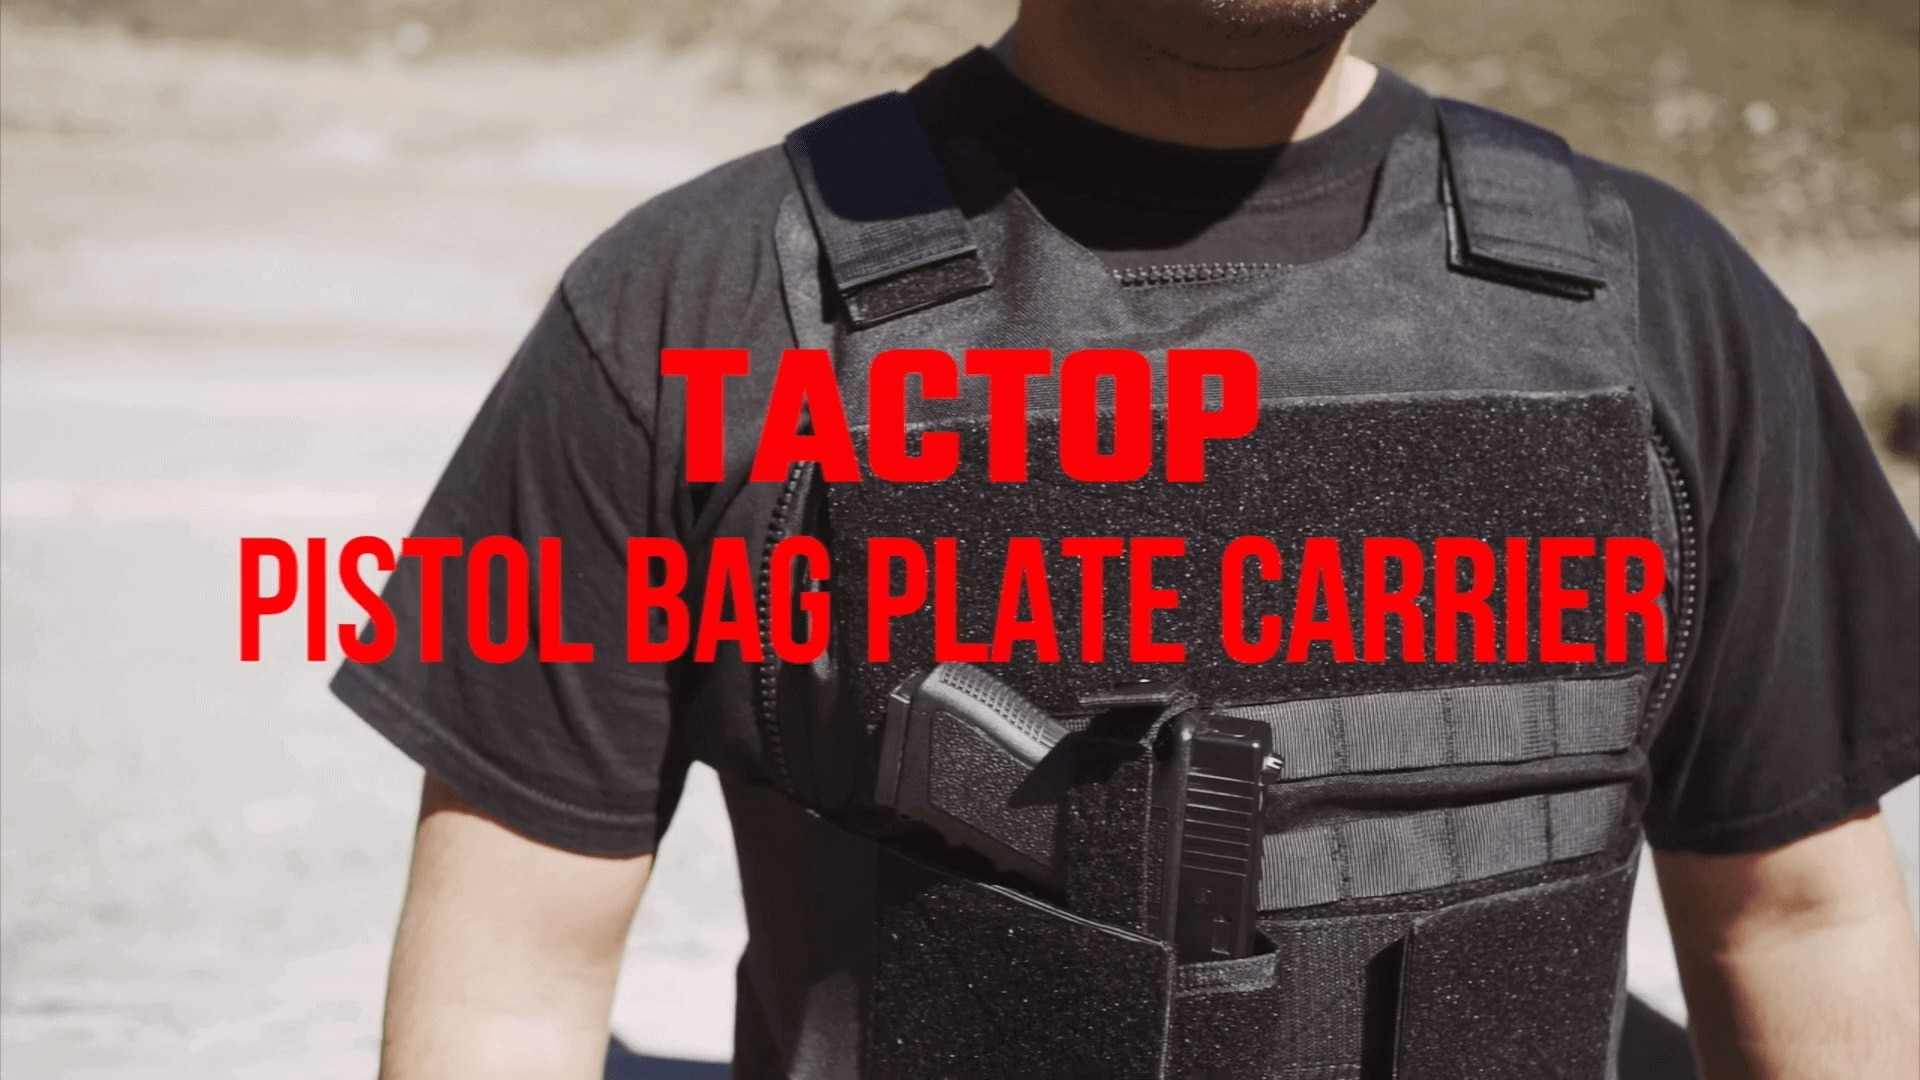 Tactop Pistol Bag